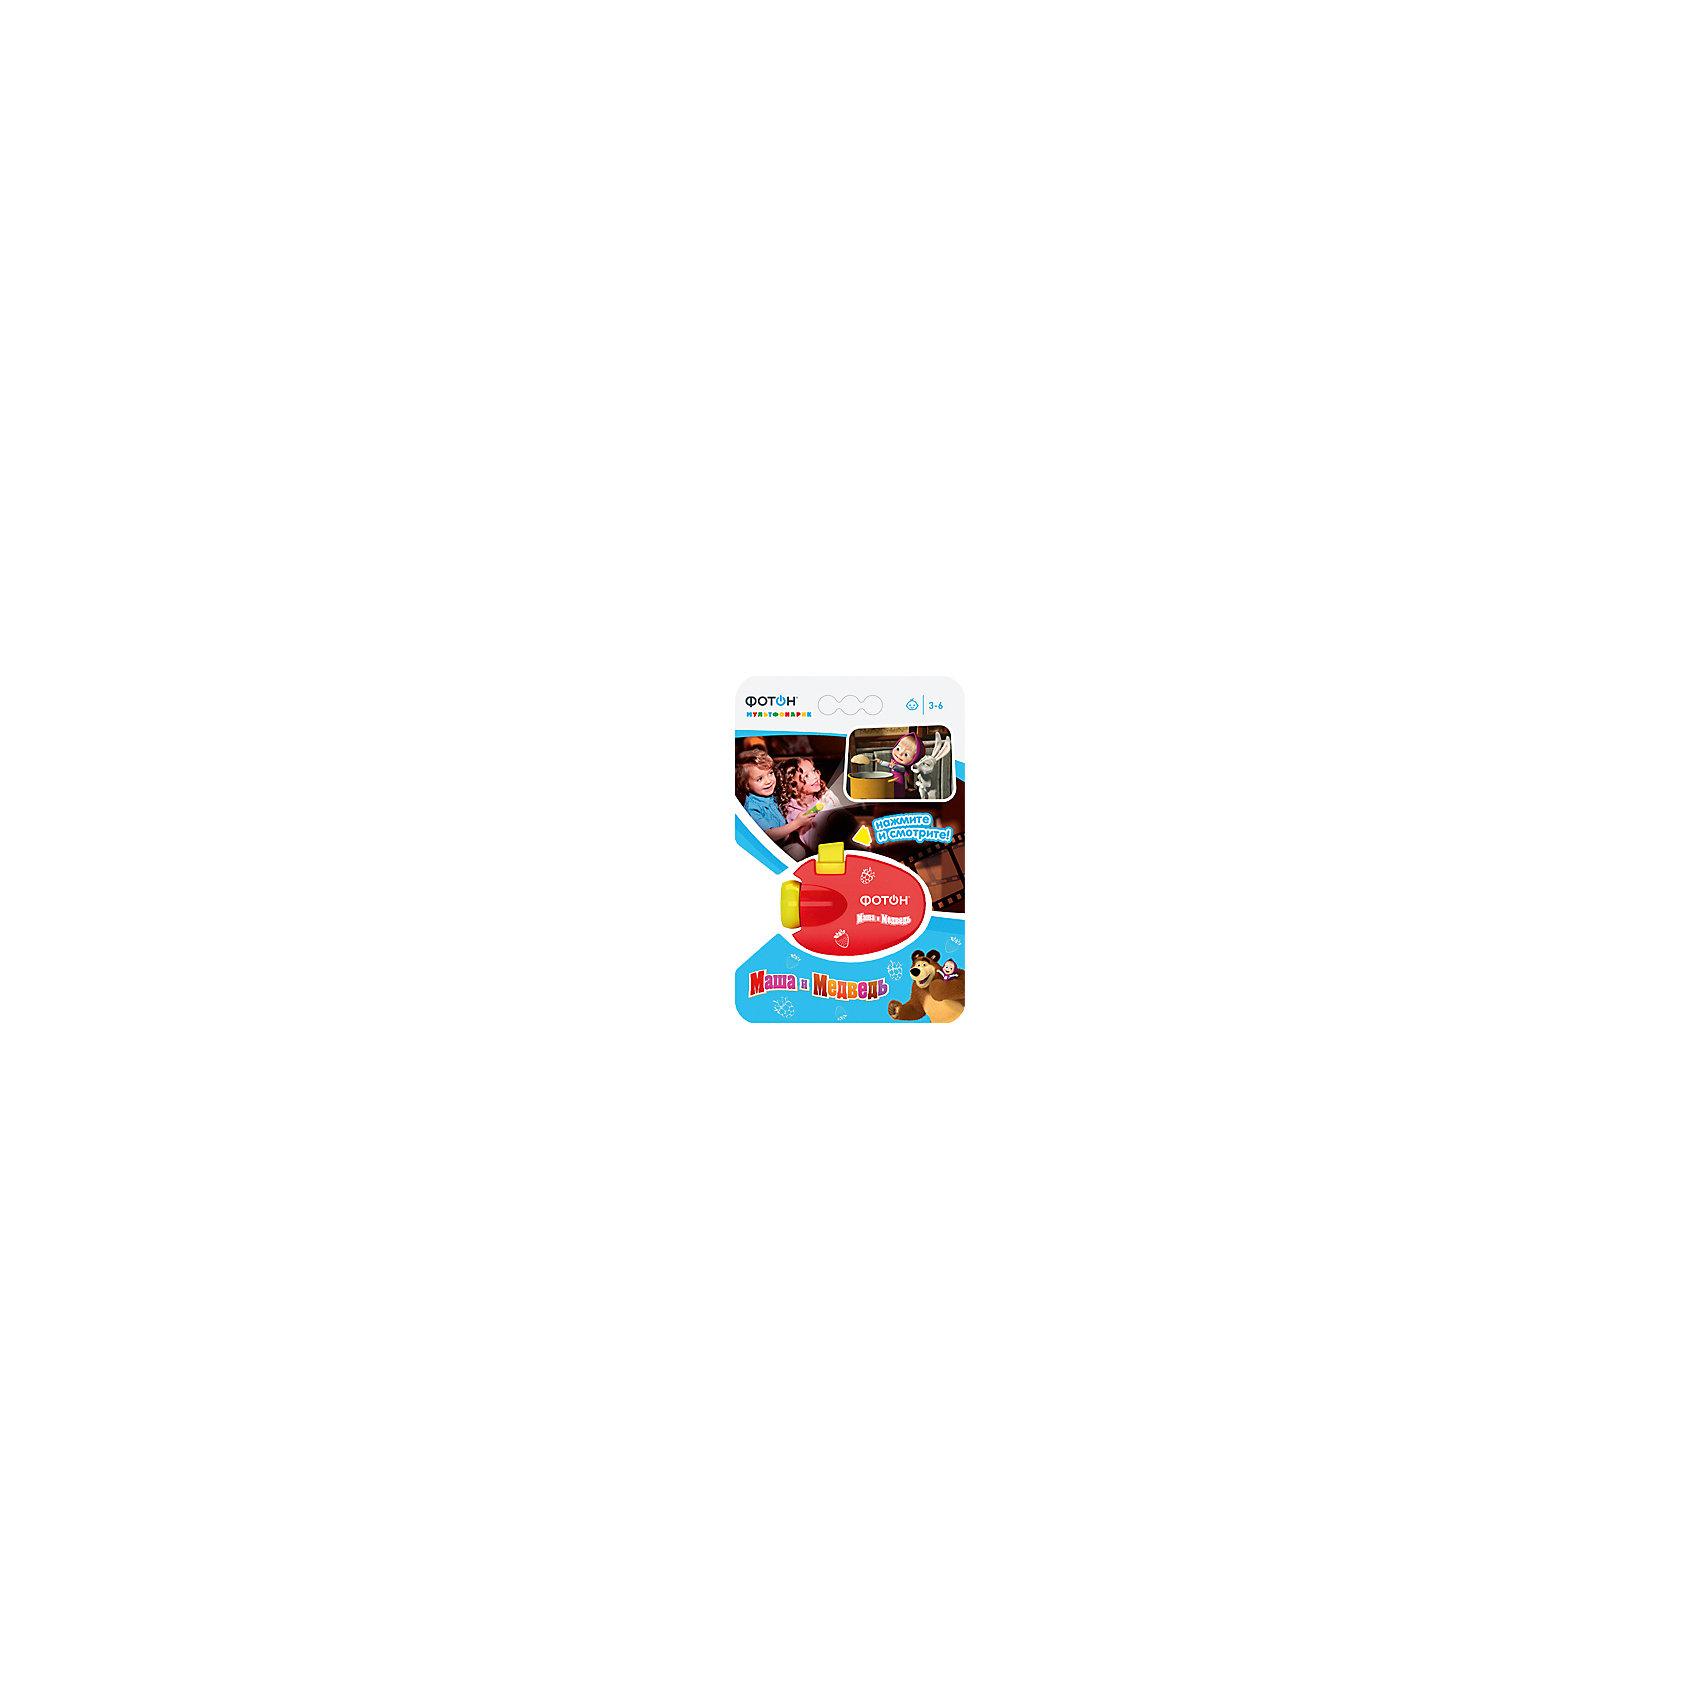 - Мультфонарик-проектор Маша и Медведь, красный, Фотон магниты маша и медведь купить игрушку